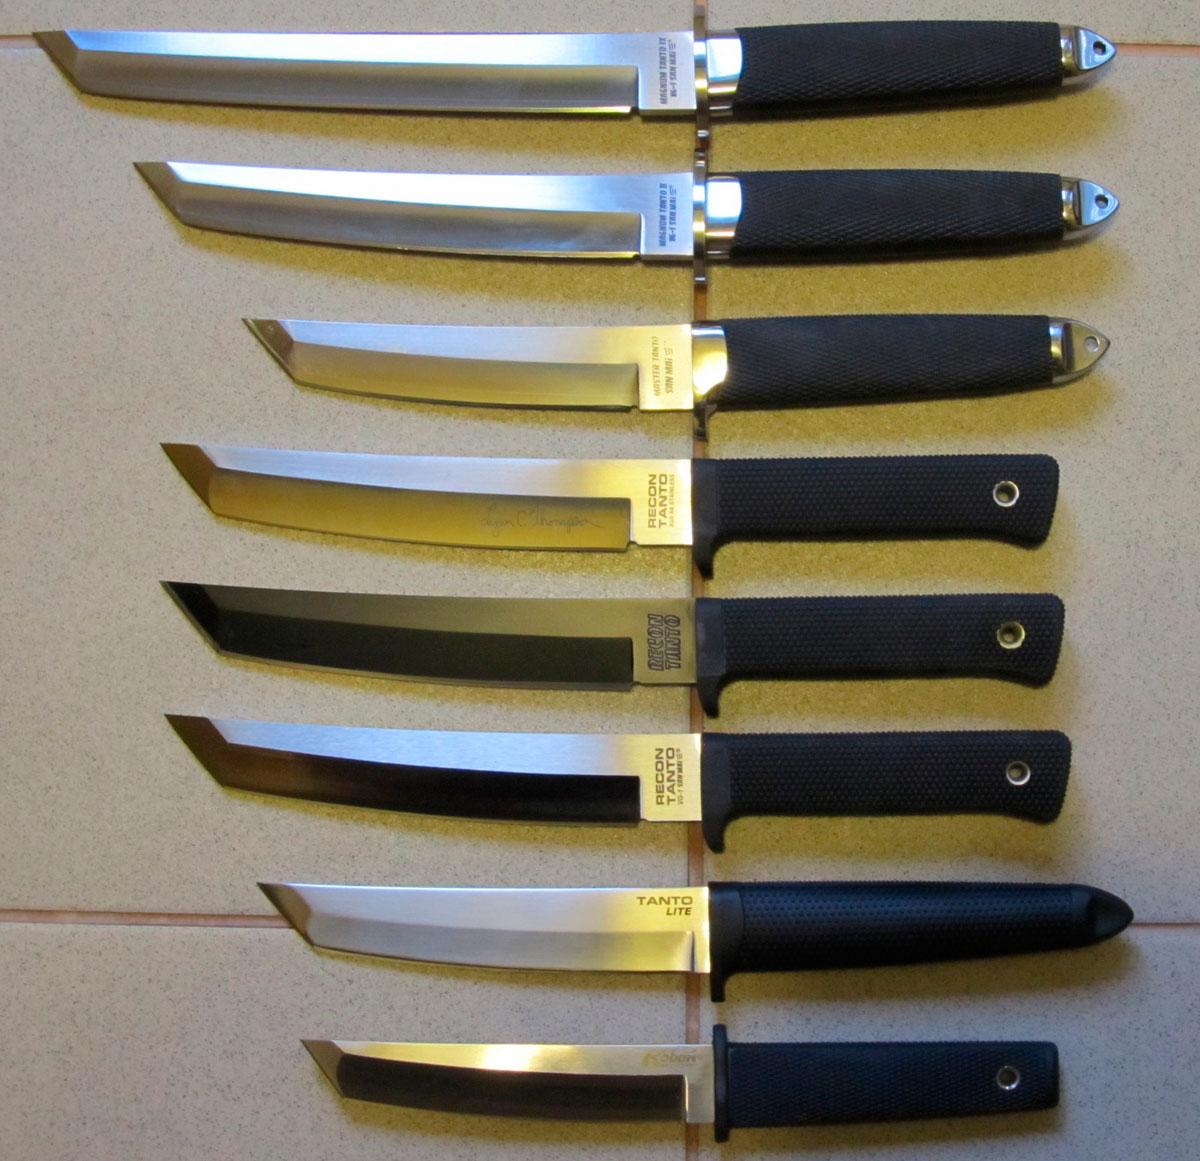 размеры конфигурация поварских ножей